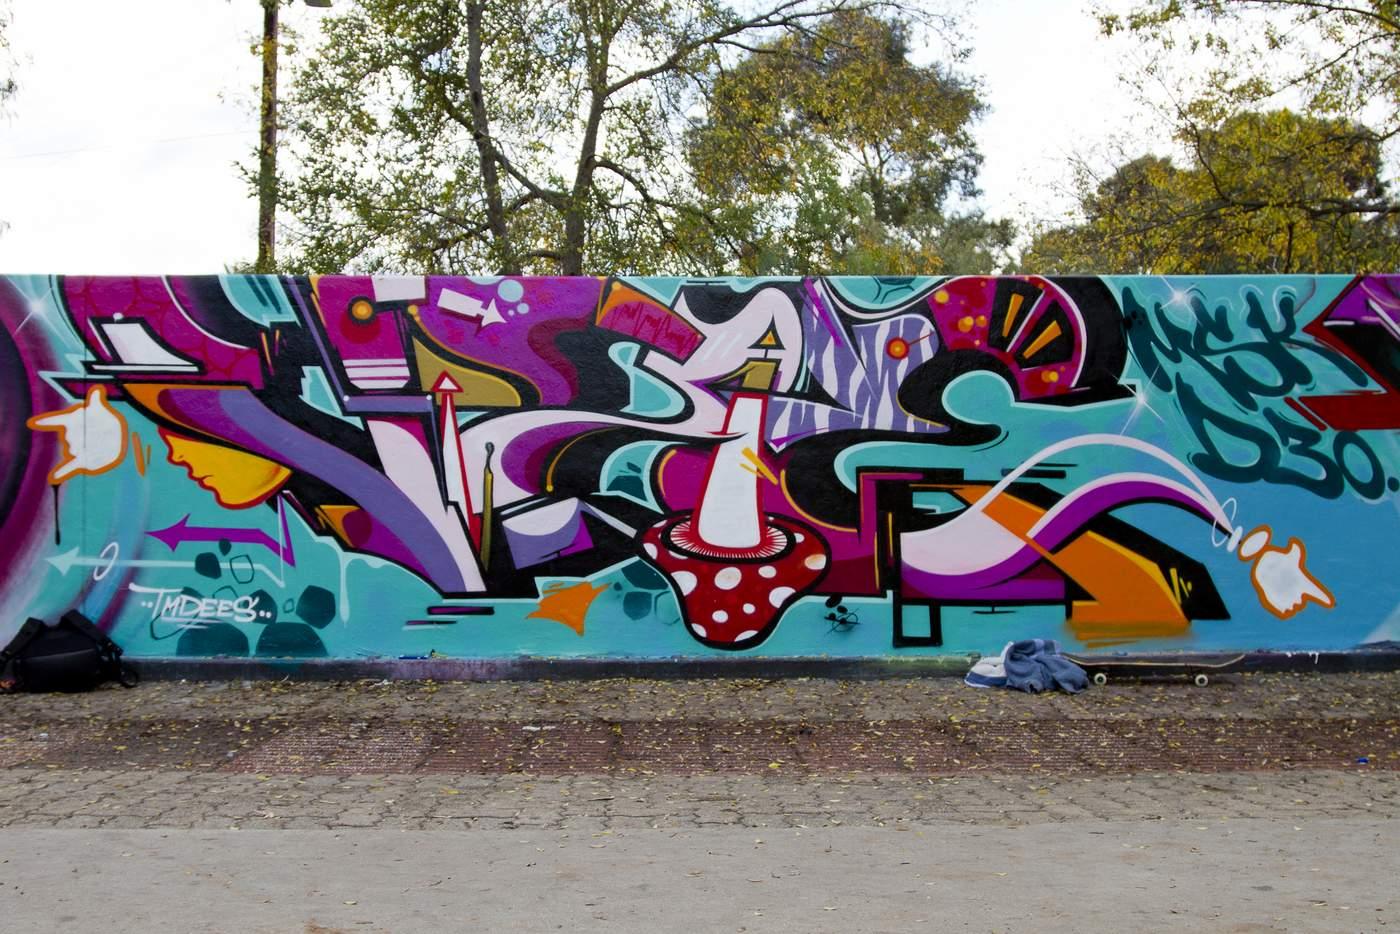 graffiti met een paddestoel